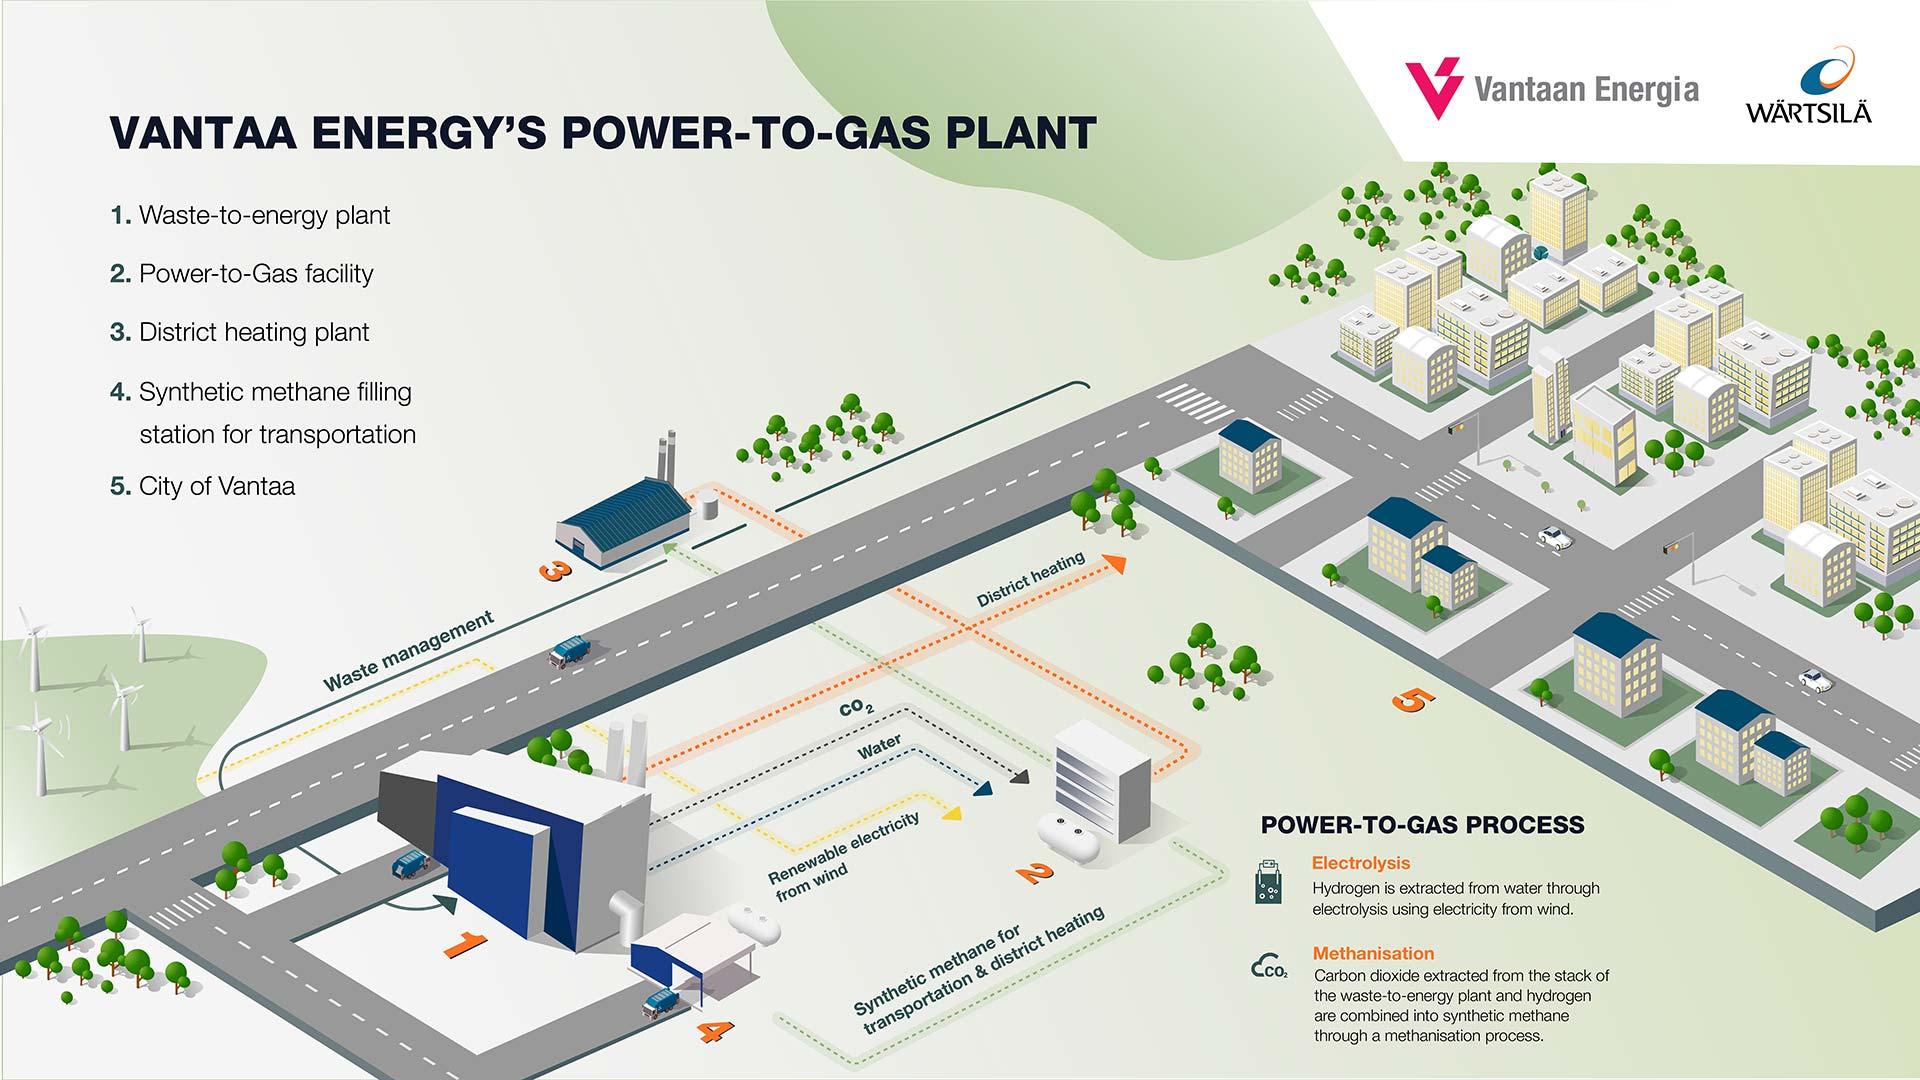 Vantaa Energy's power-to-gas plant - Wärtsilä